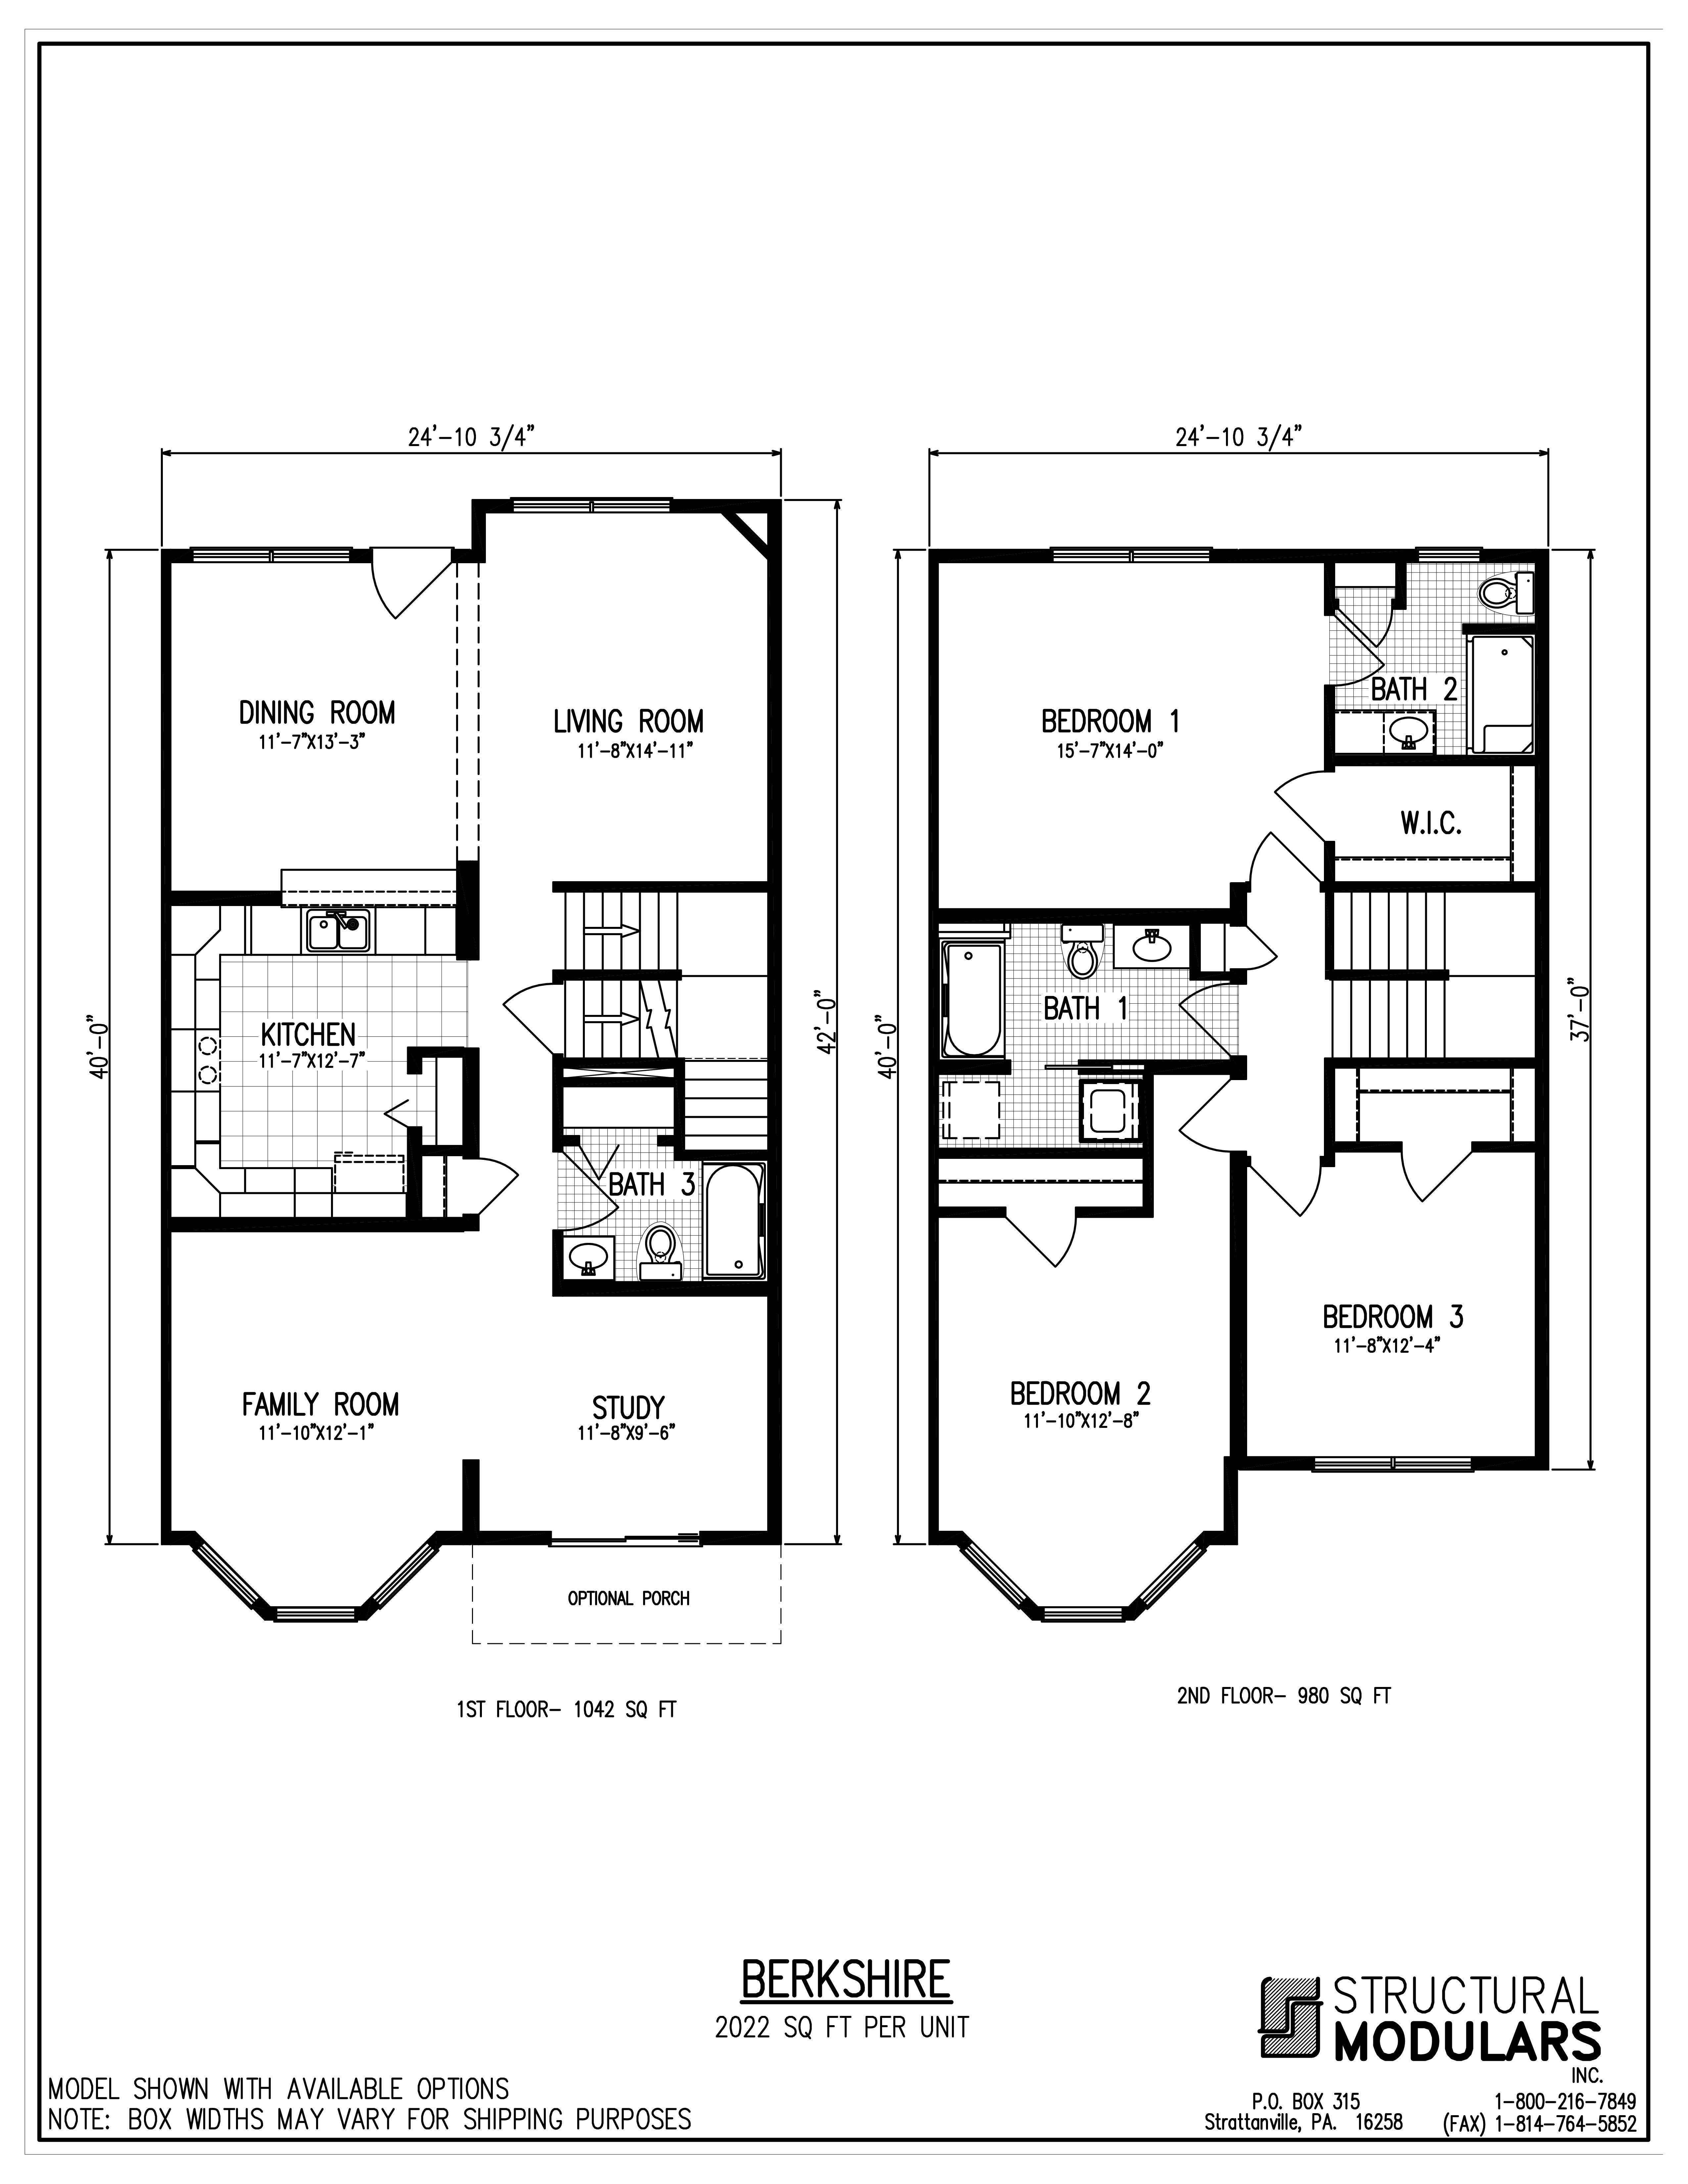 Berkshire Floor Plans